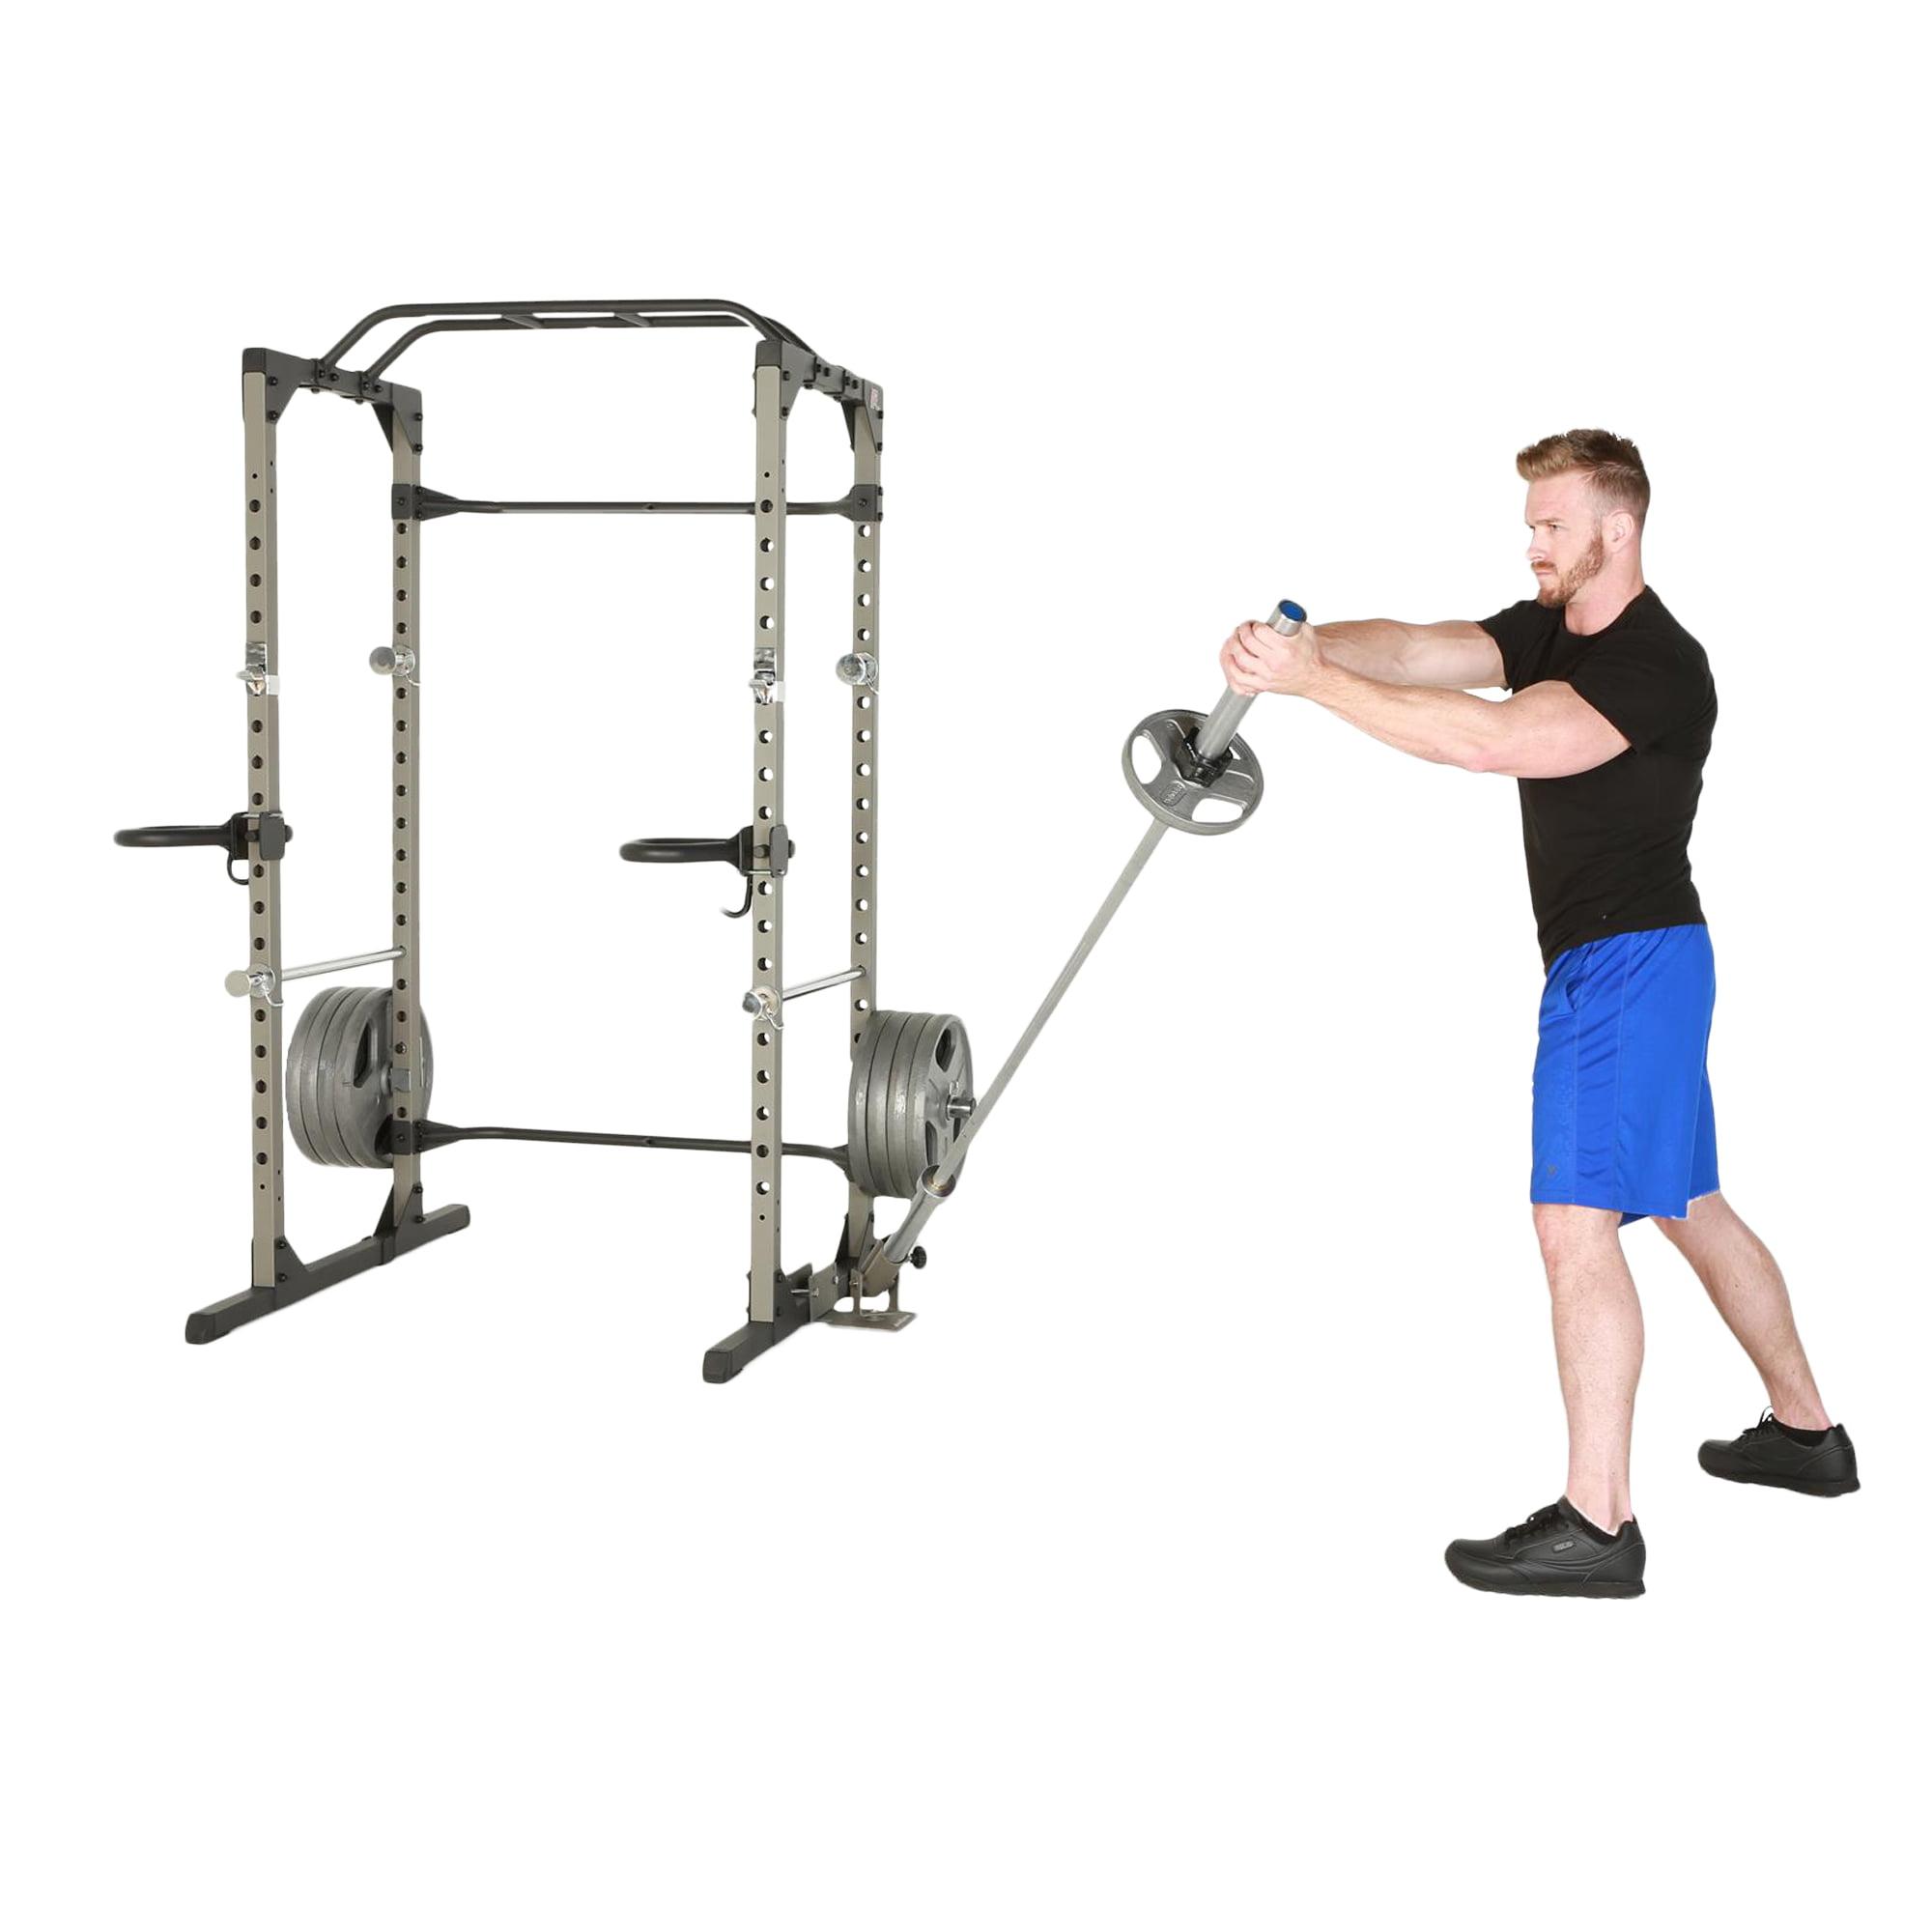 BodyRip Landmine Attachment Insert for 60mm Power Rack Black Blue Gym Exercise